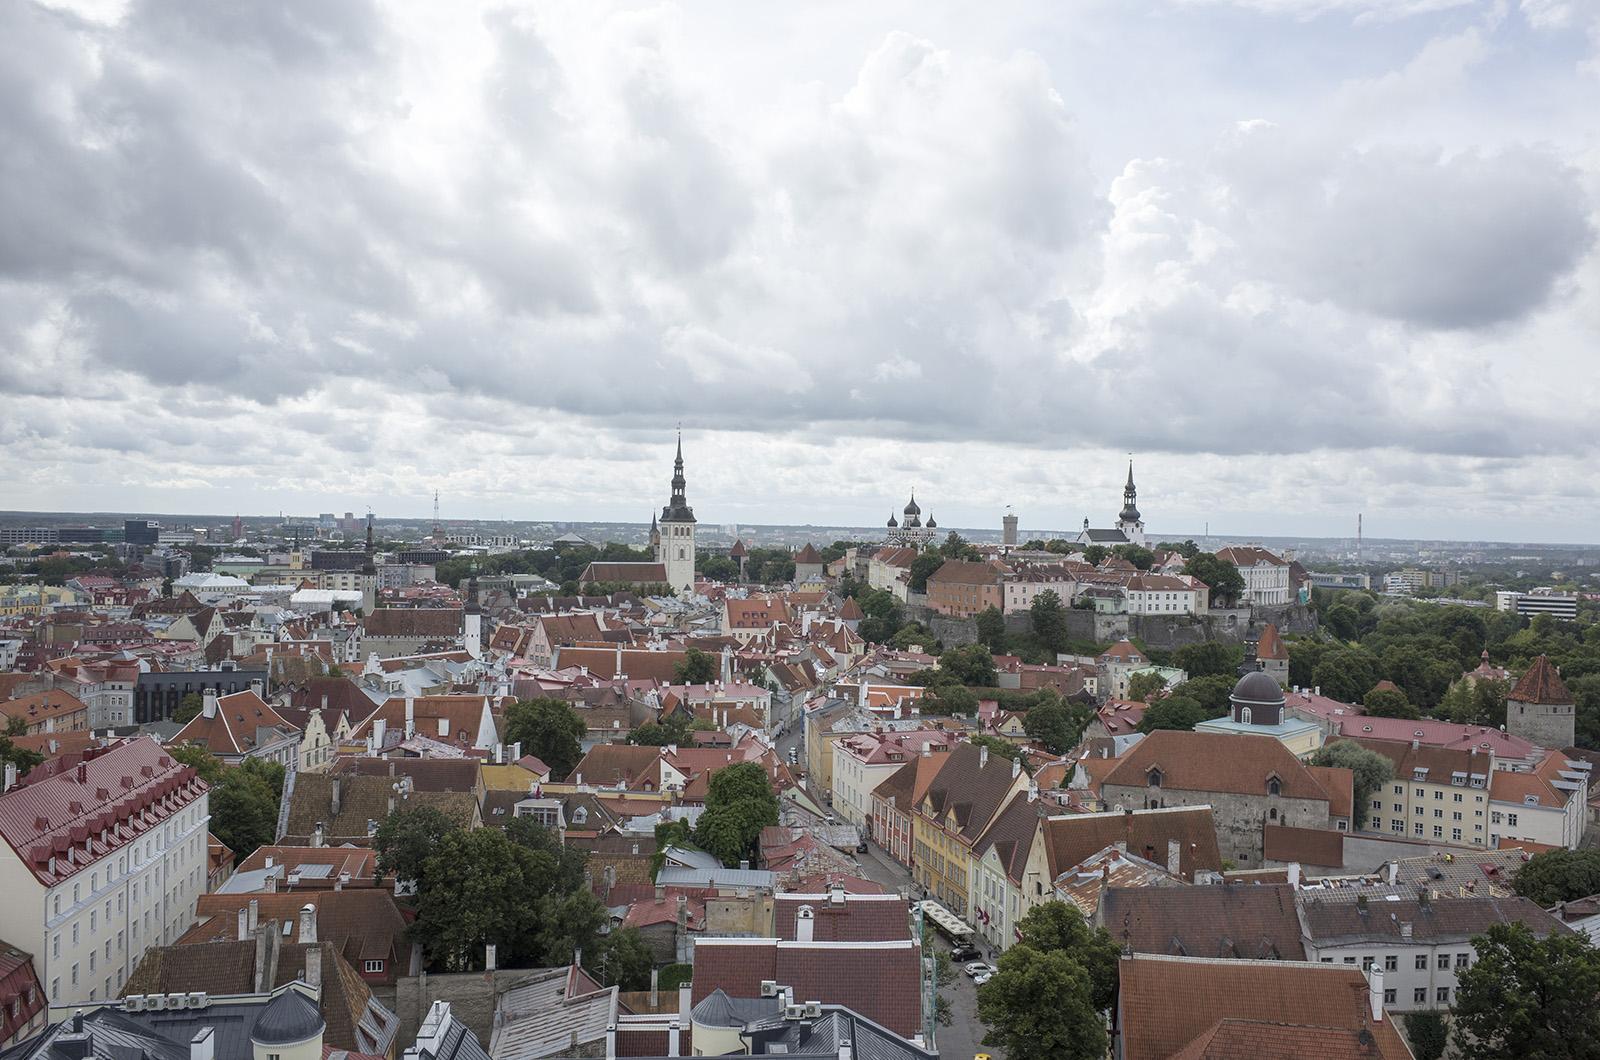 北欧周遊の旅2015・3日目